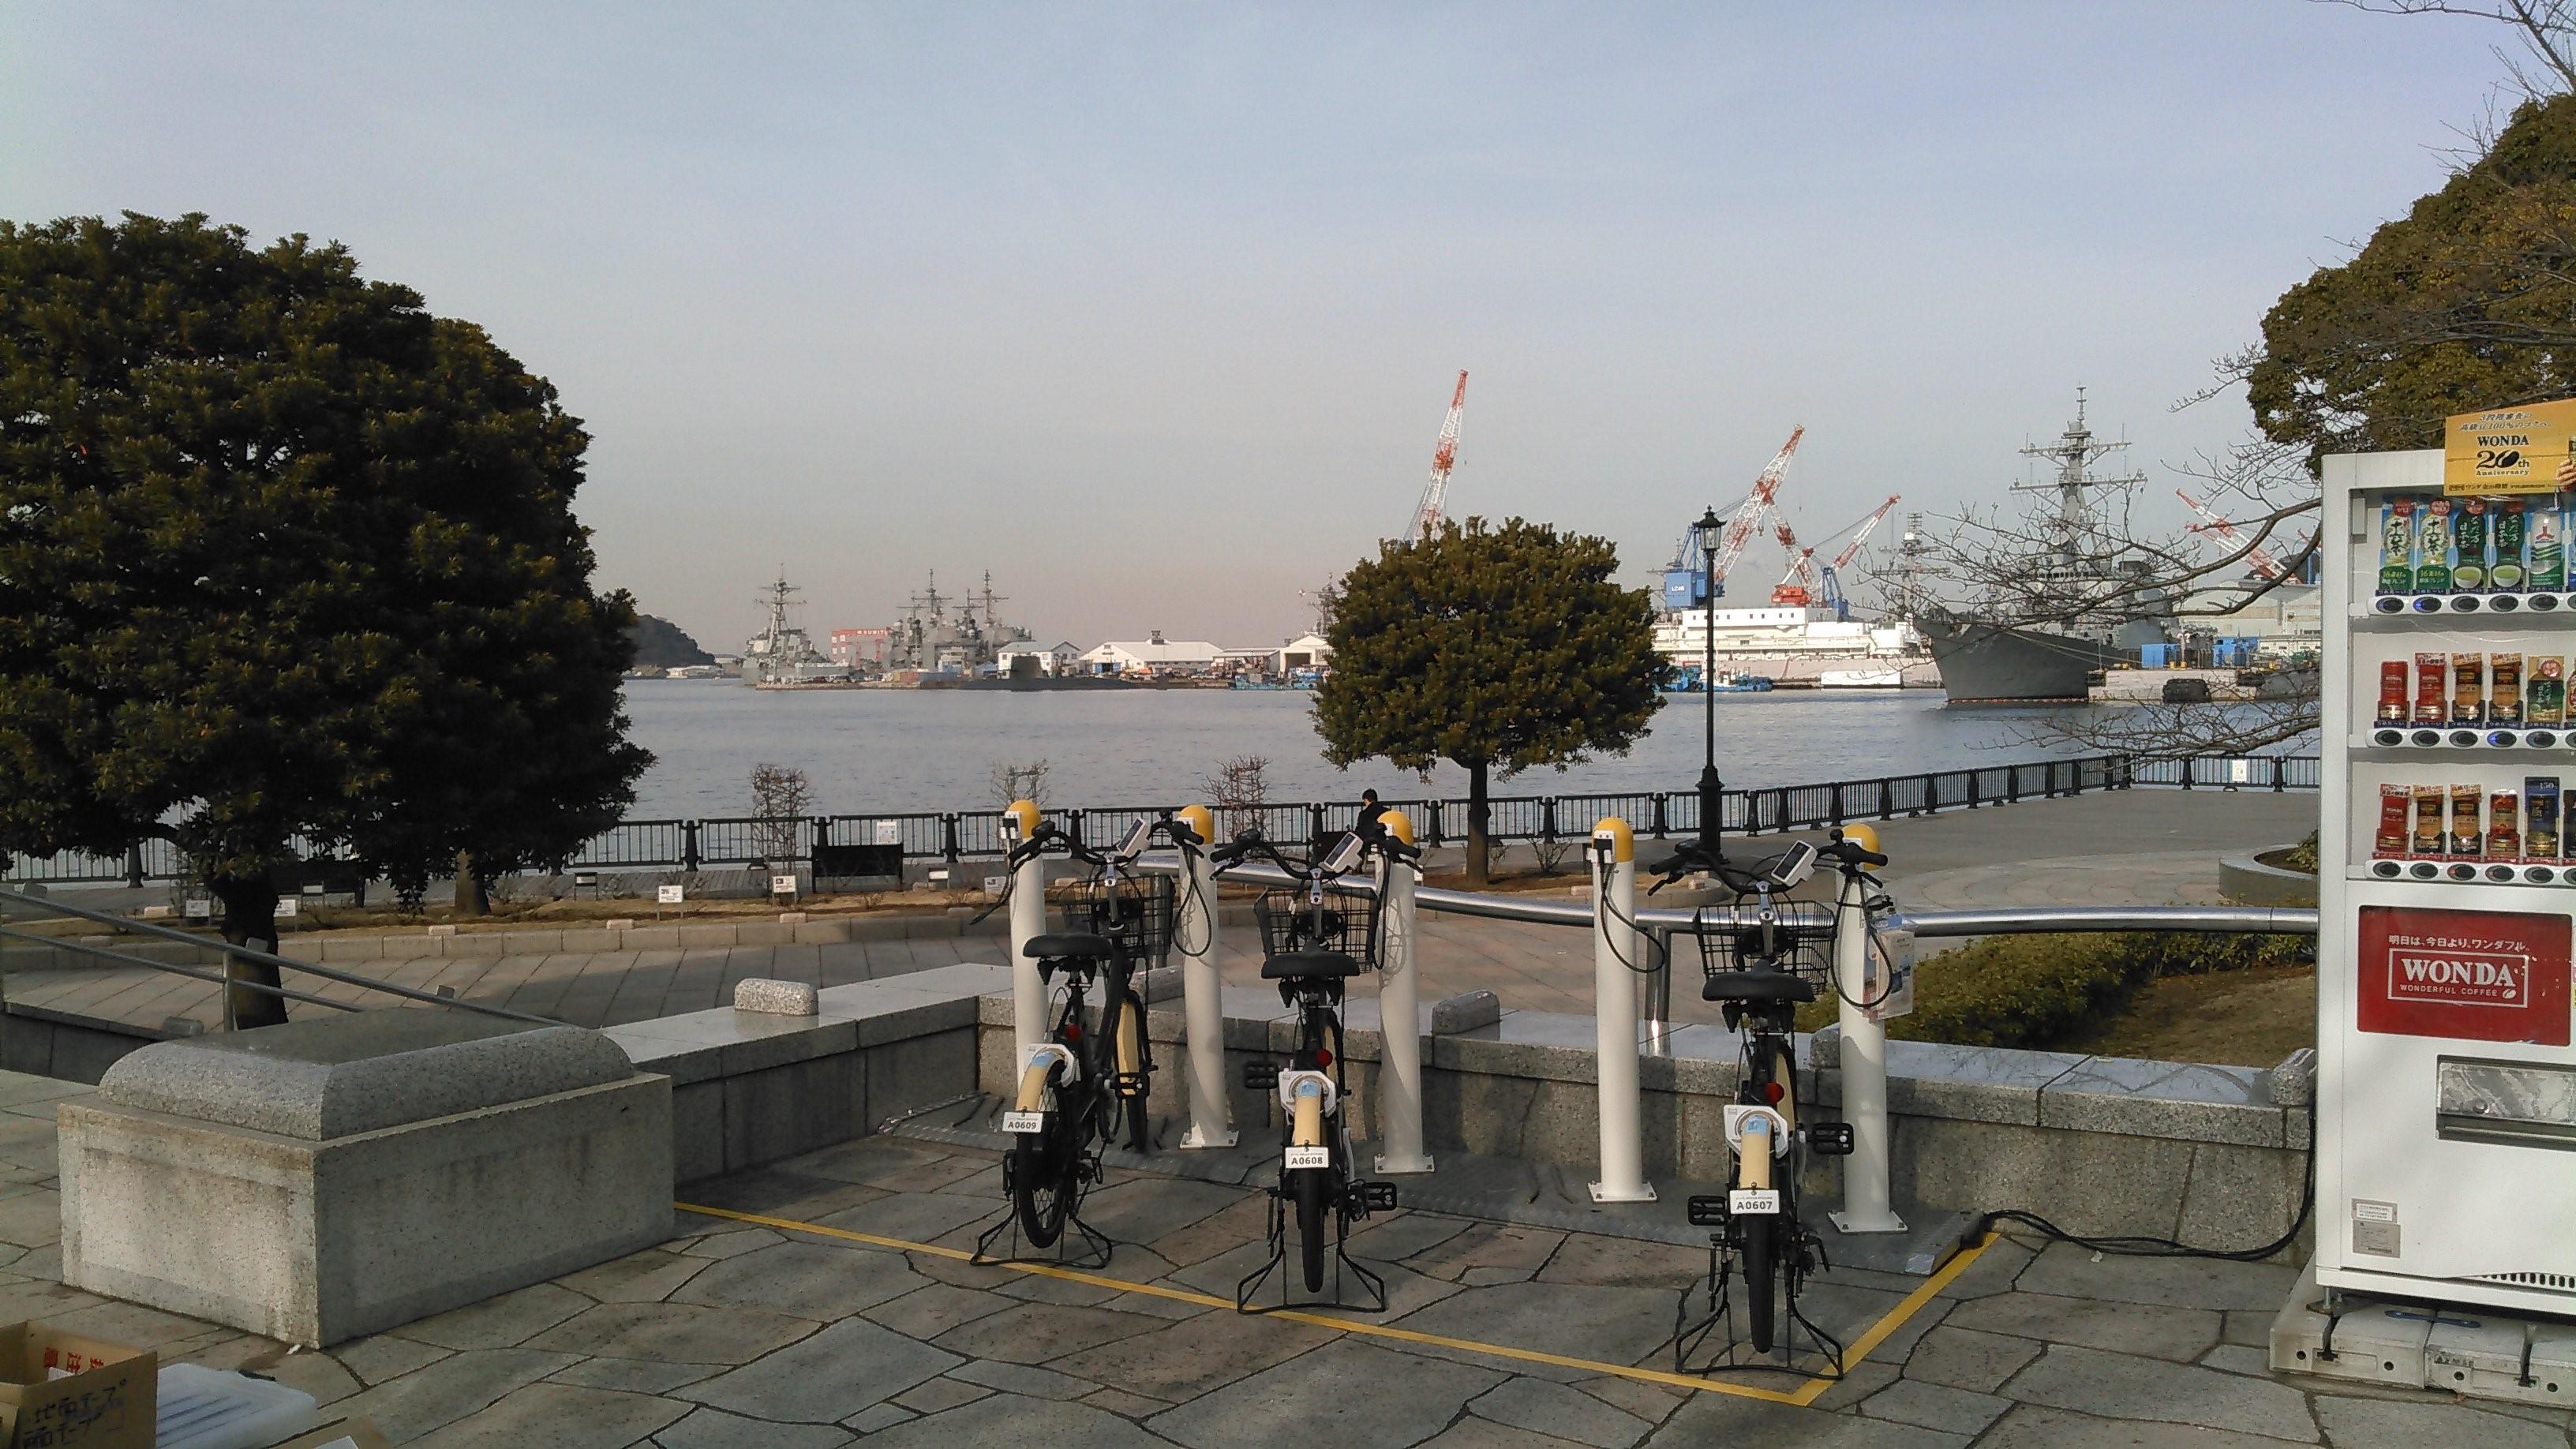 【ベルシェア】横須賀 ヴェルニー公園 (HELLO CYCLING ポート) image